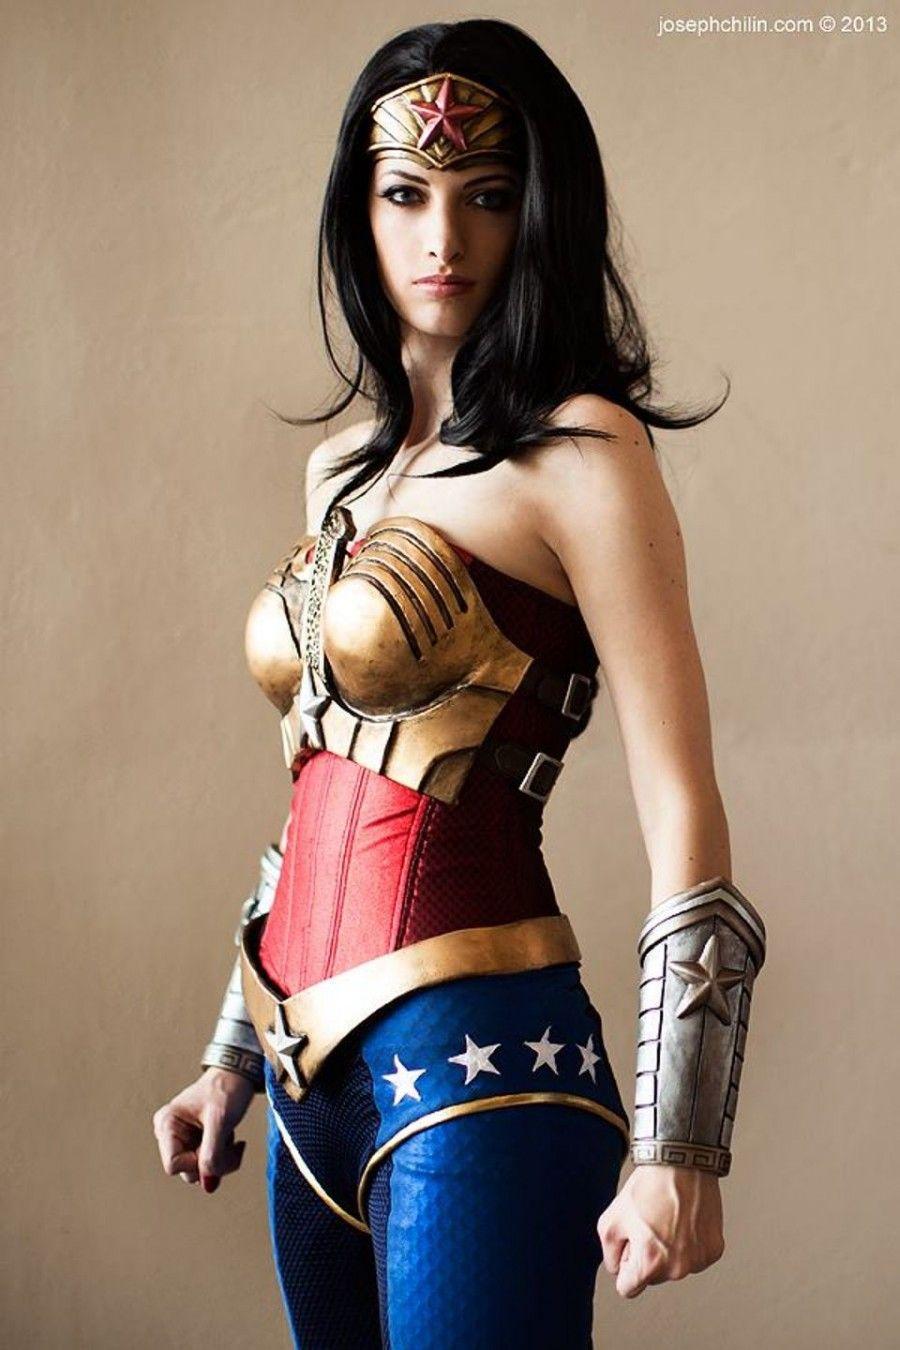 Sexiest wonder woman cosplay